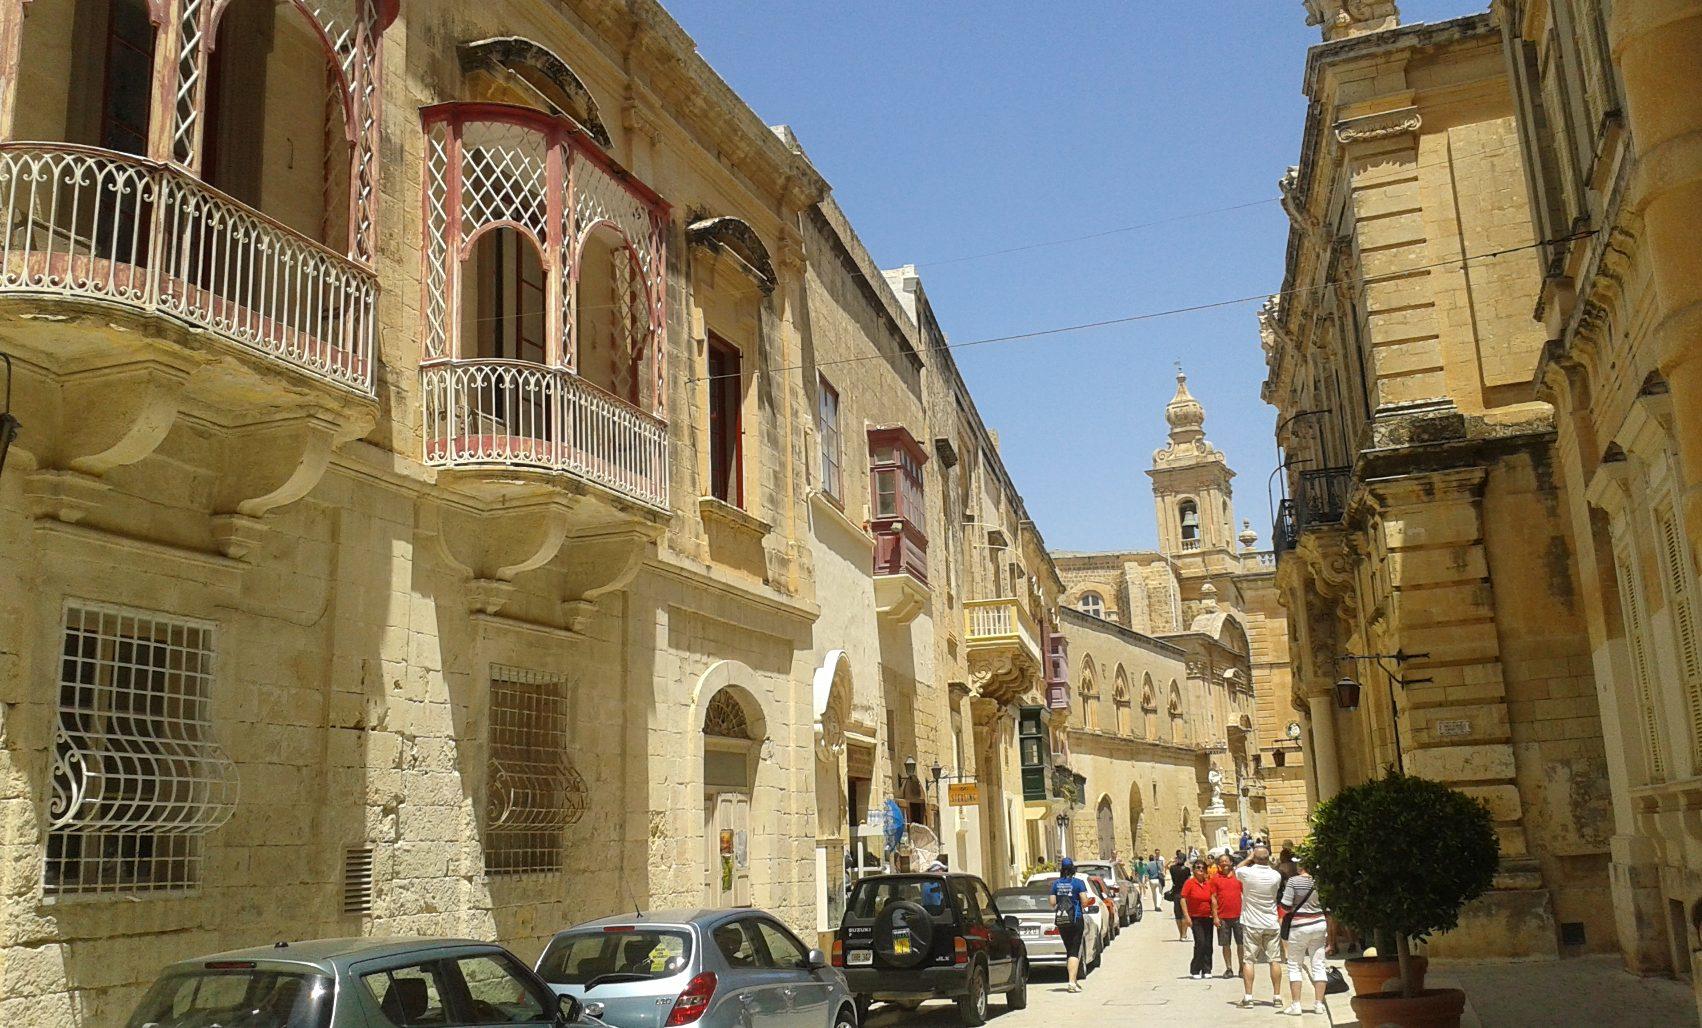 El turismo en Malta. Peculiaridades